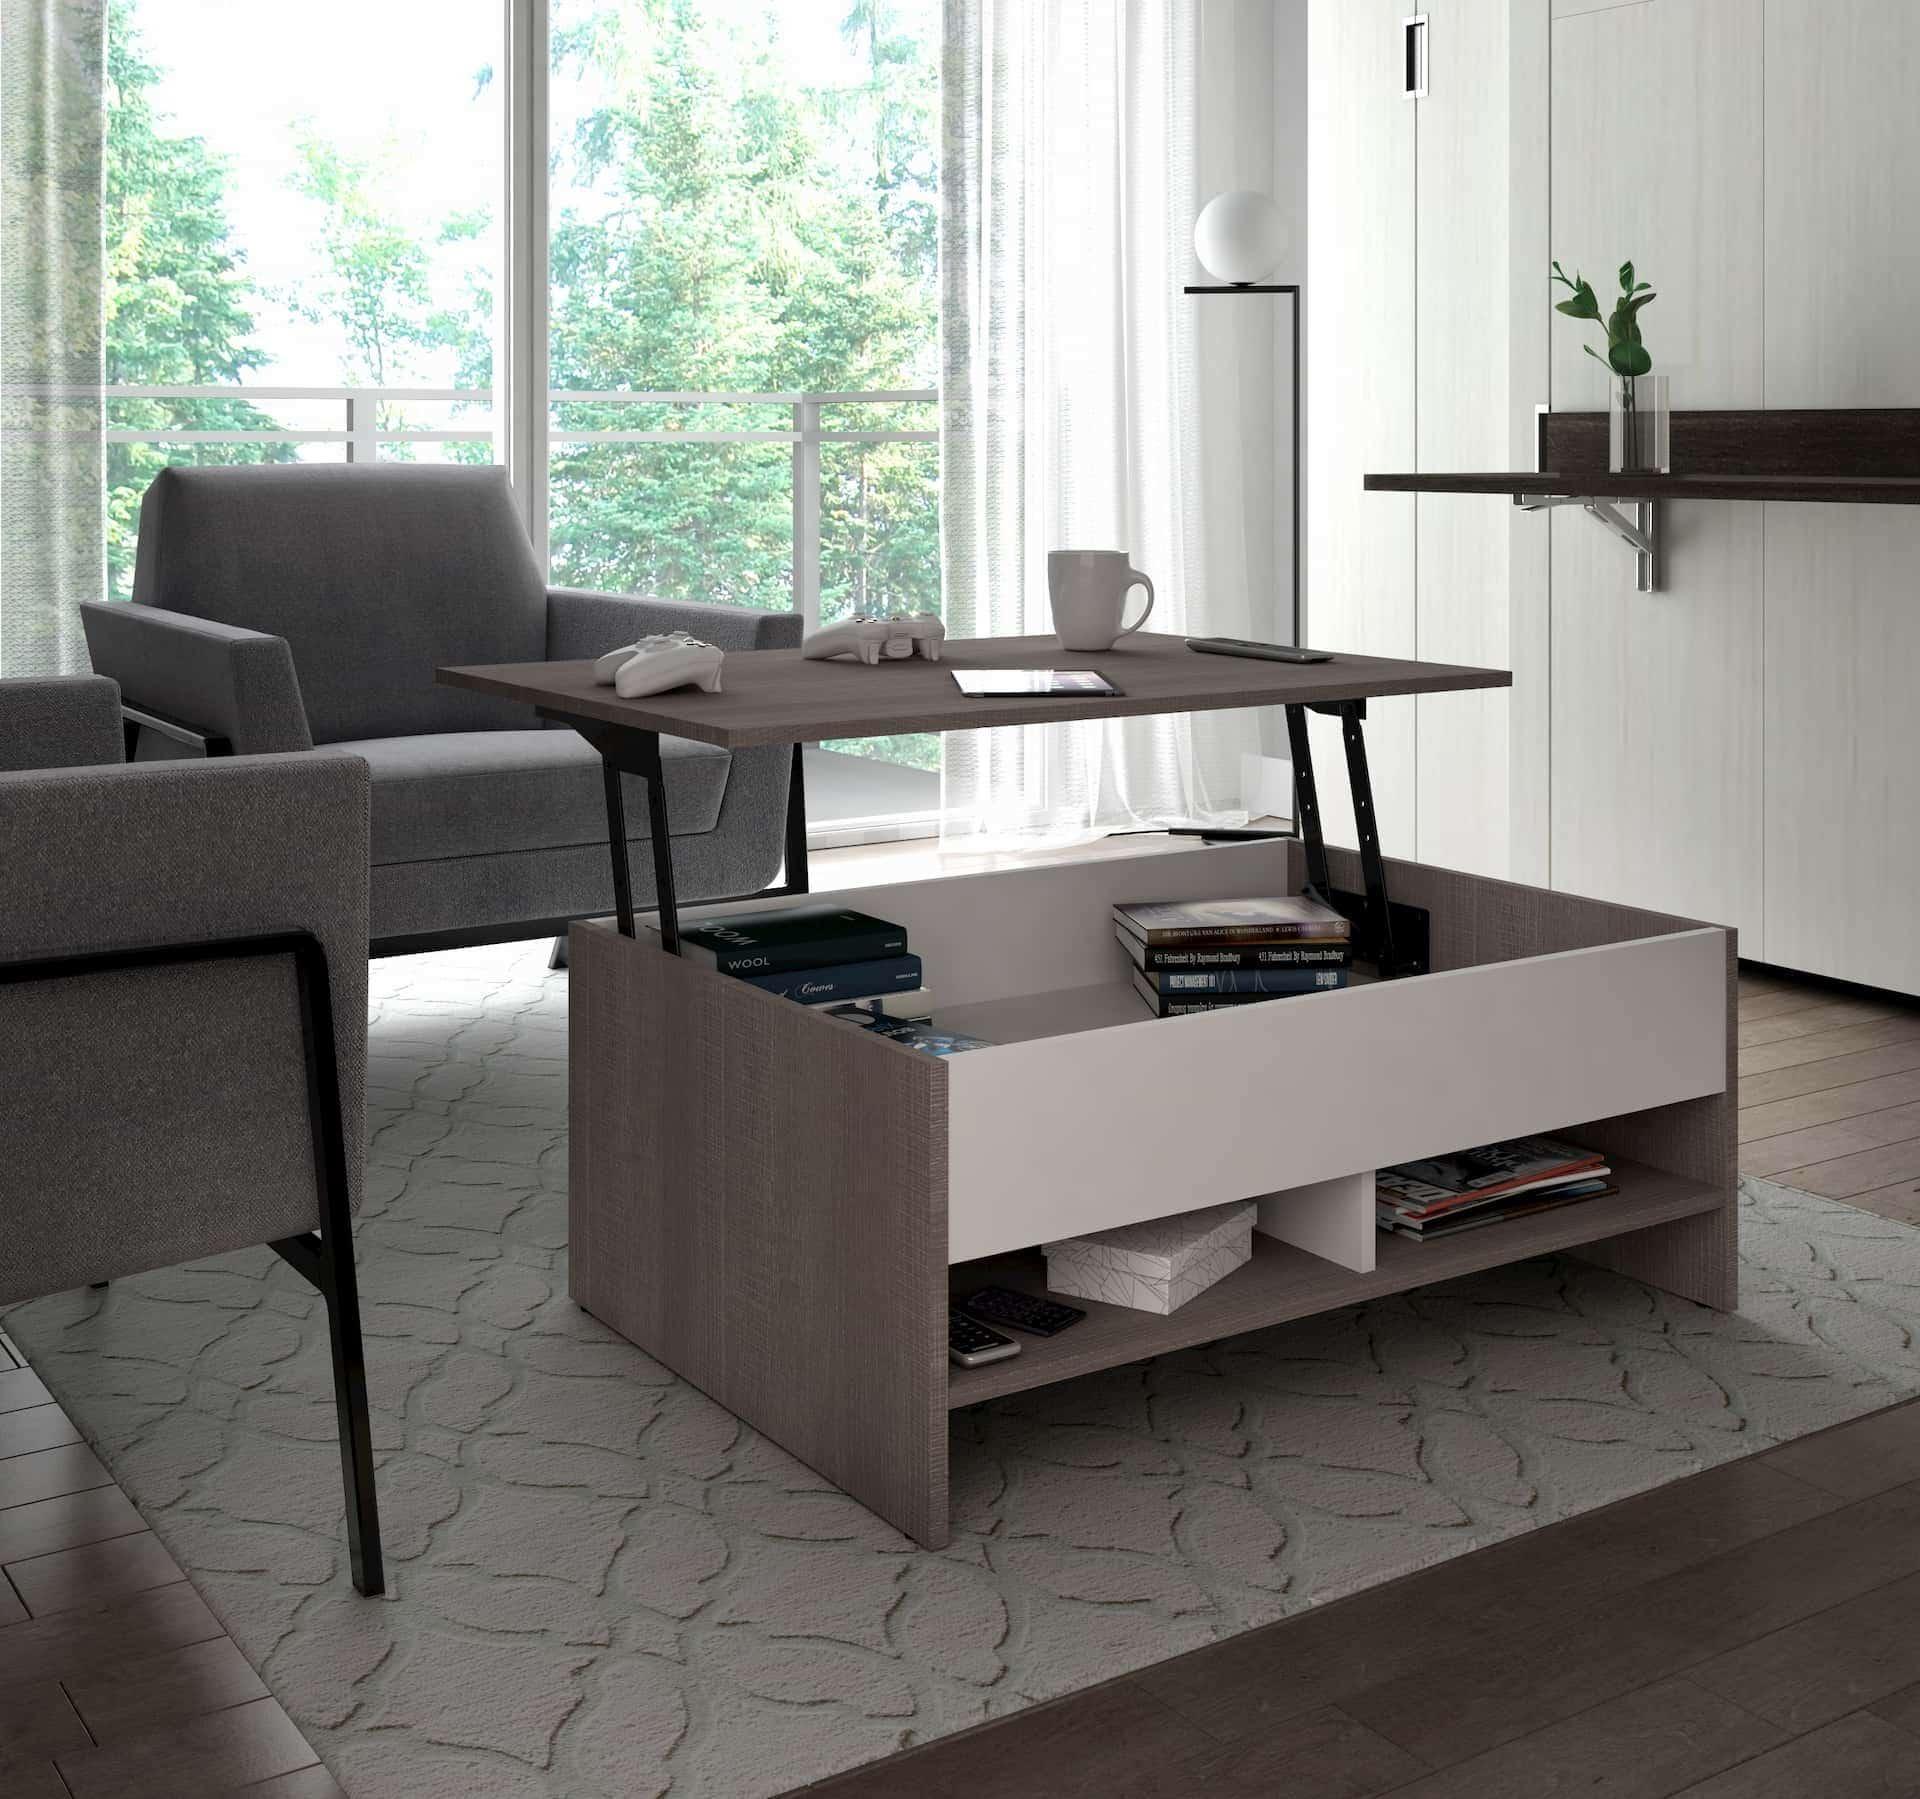 Table à café contemporaine avec plateau relevable espace fonctionnel